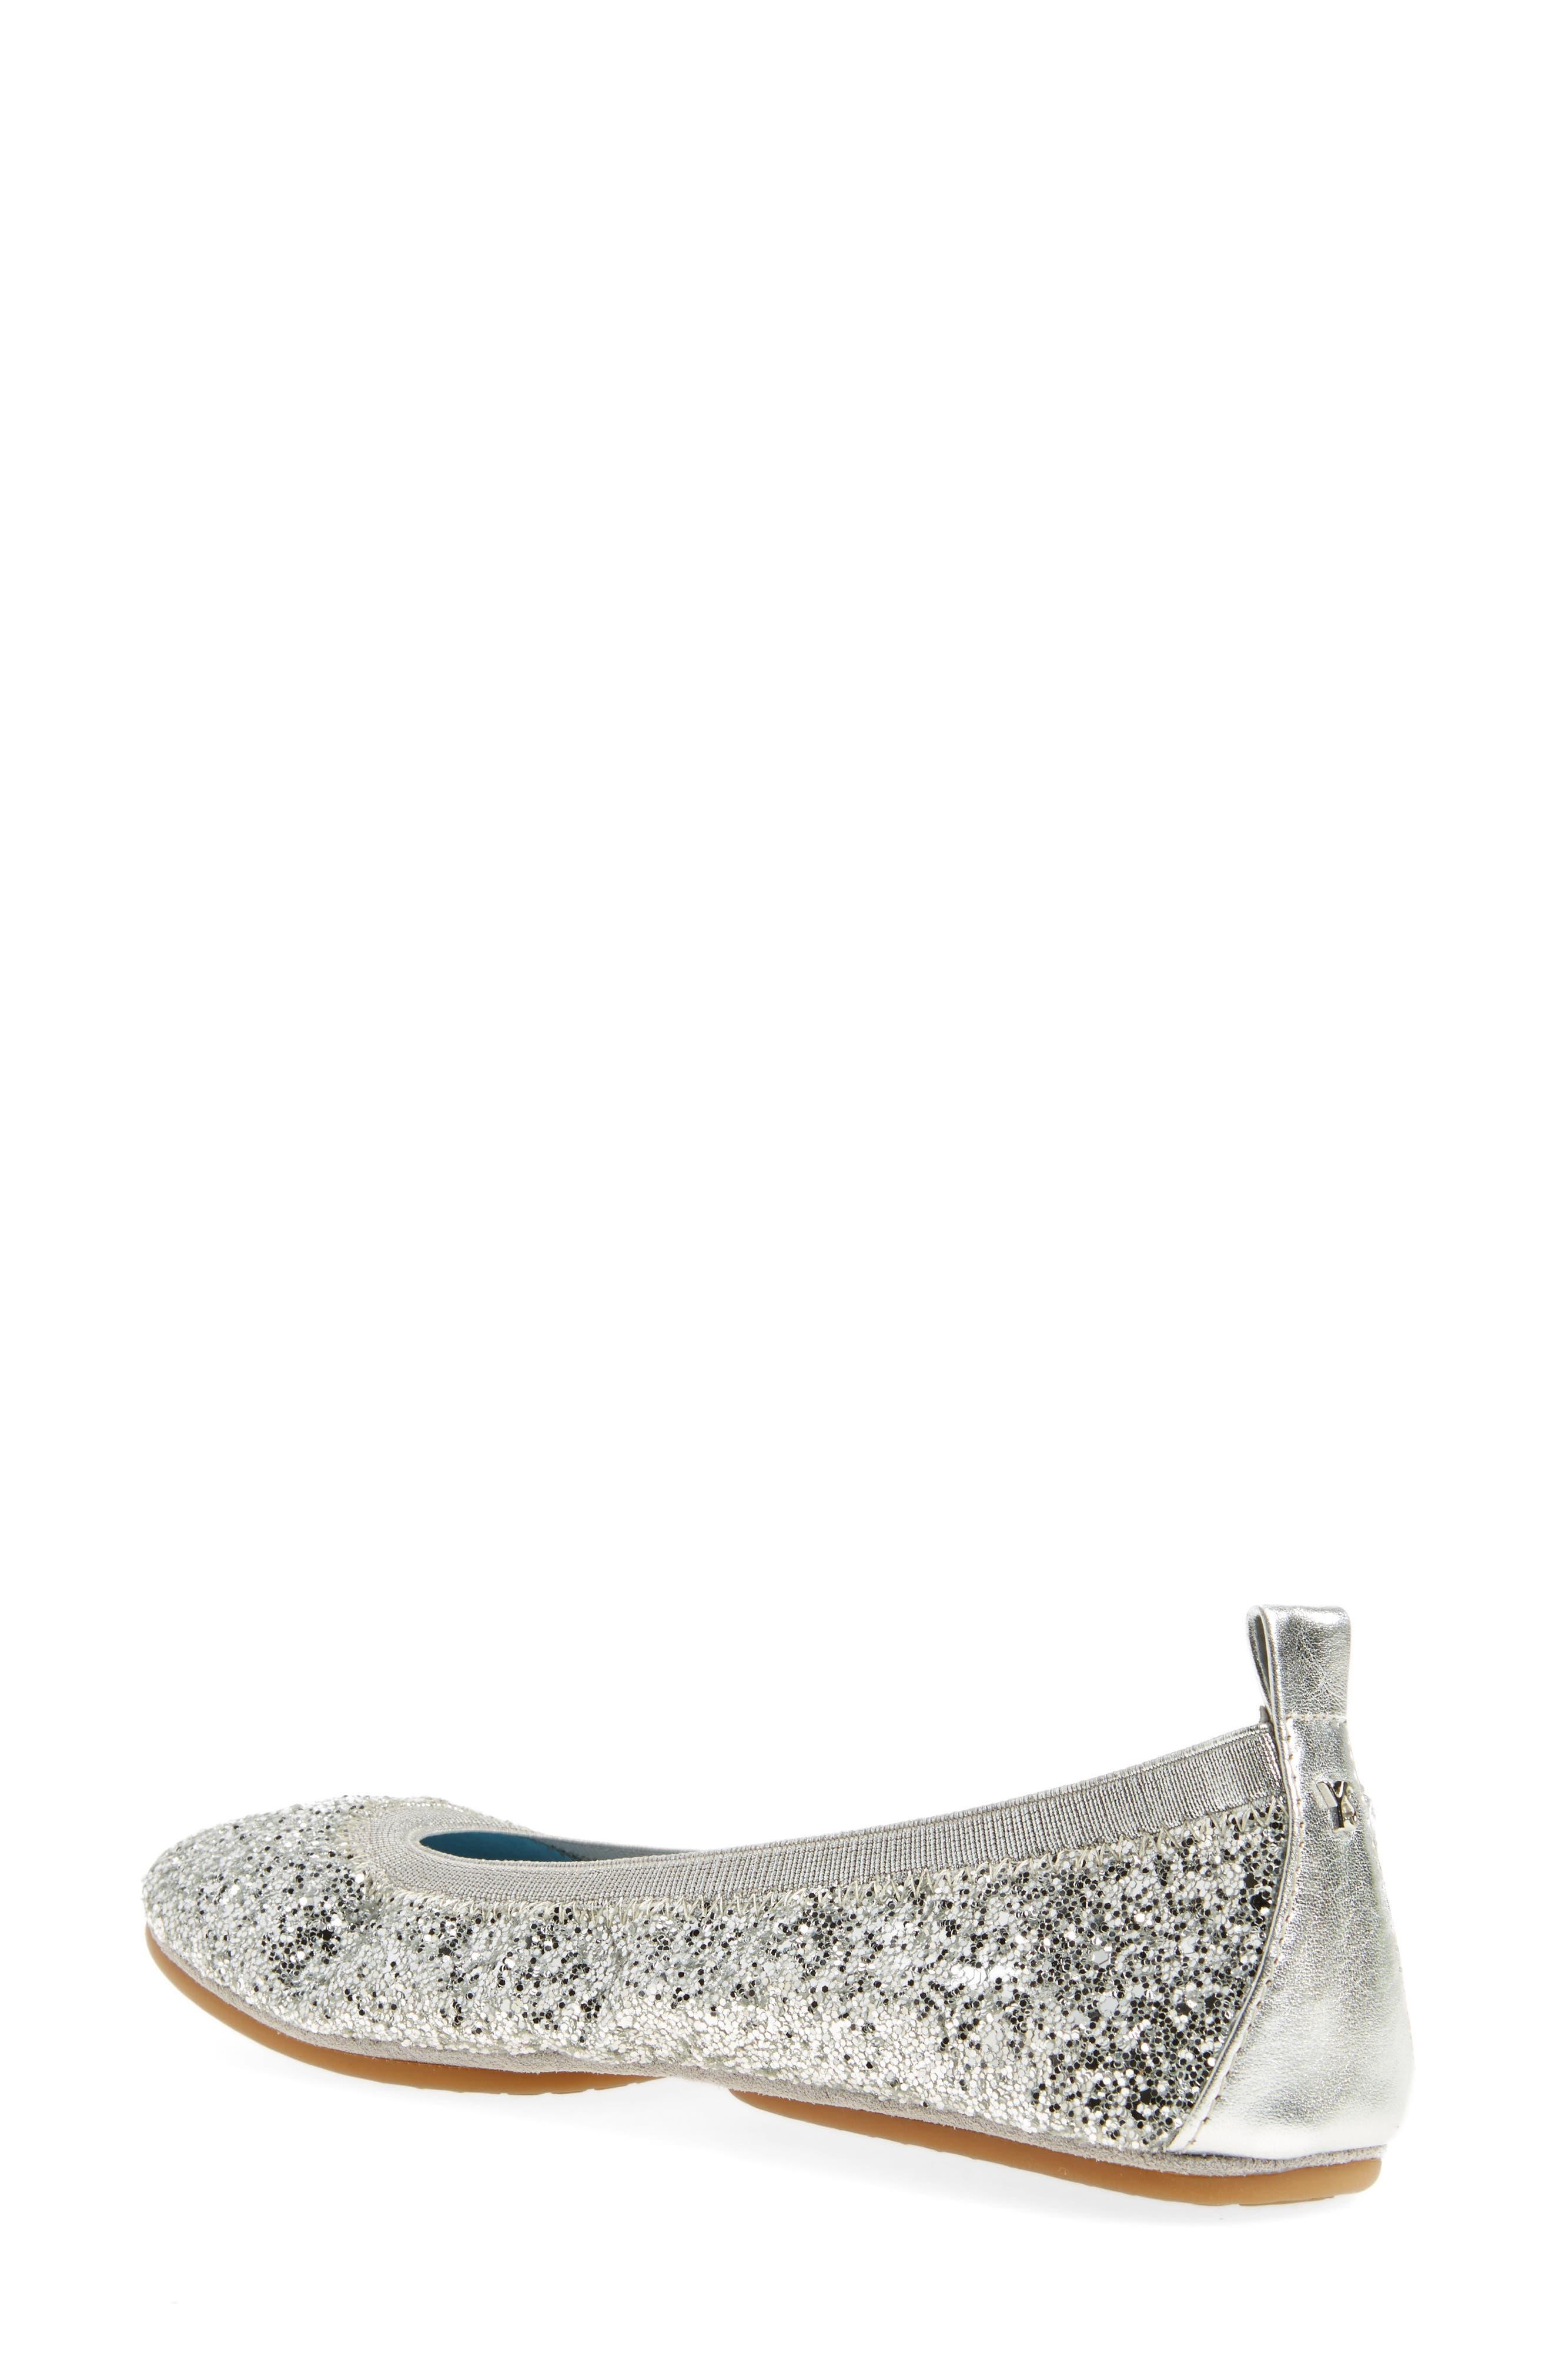 Serna Foldable Glitter Ballet Flat,                             Alternate thumbnail 2, color,                             Platinum Glitter